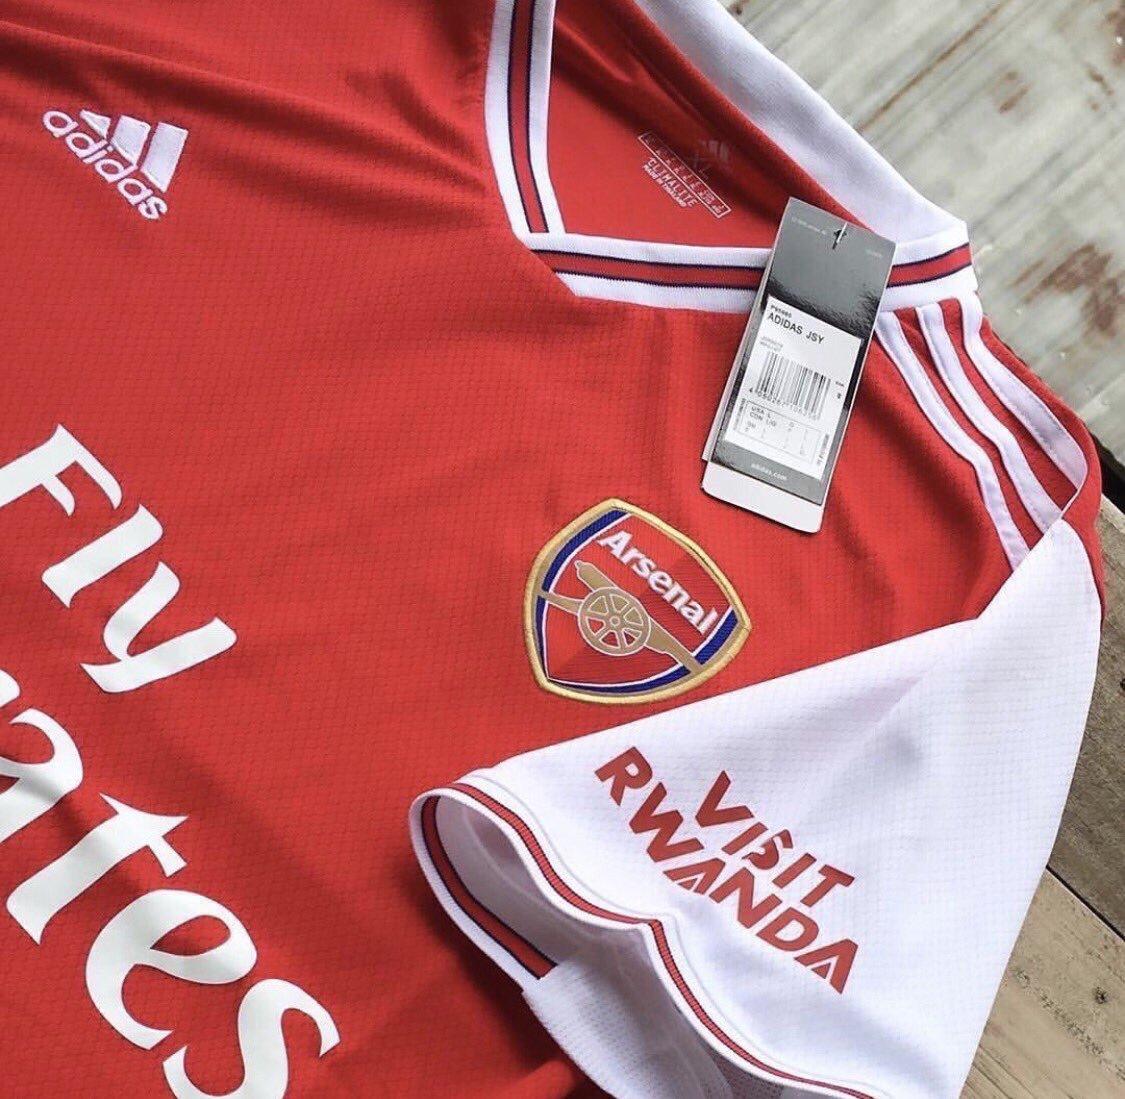 Arsenal 2020 nouveau maillot domicile